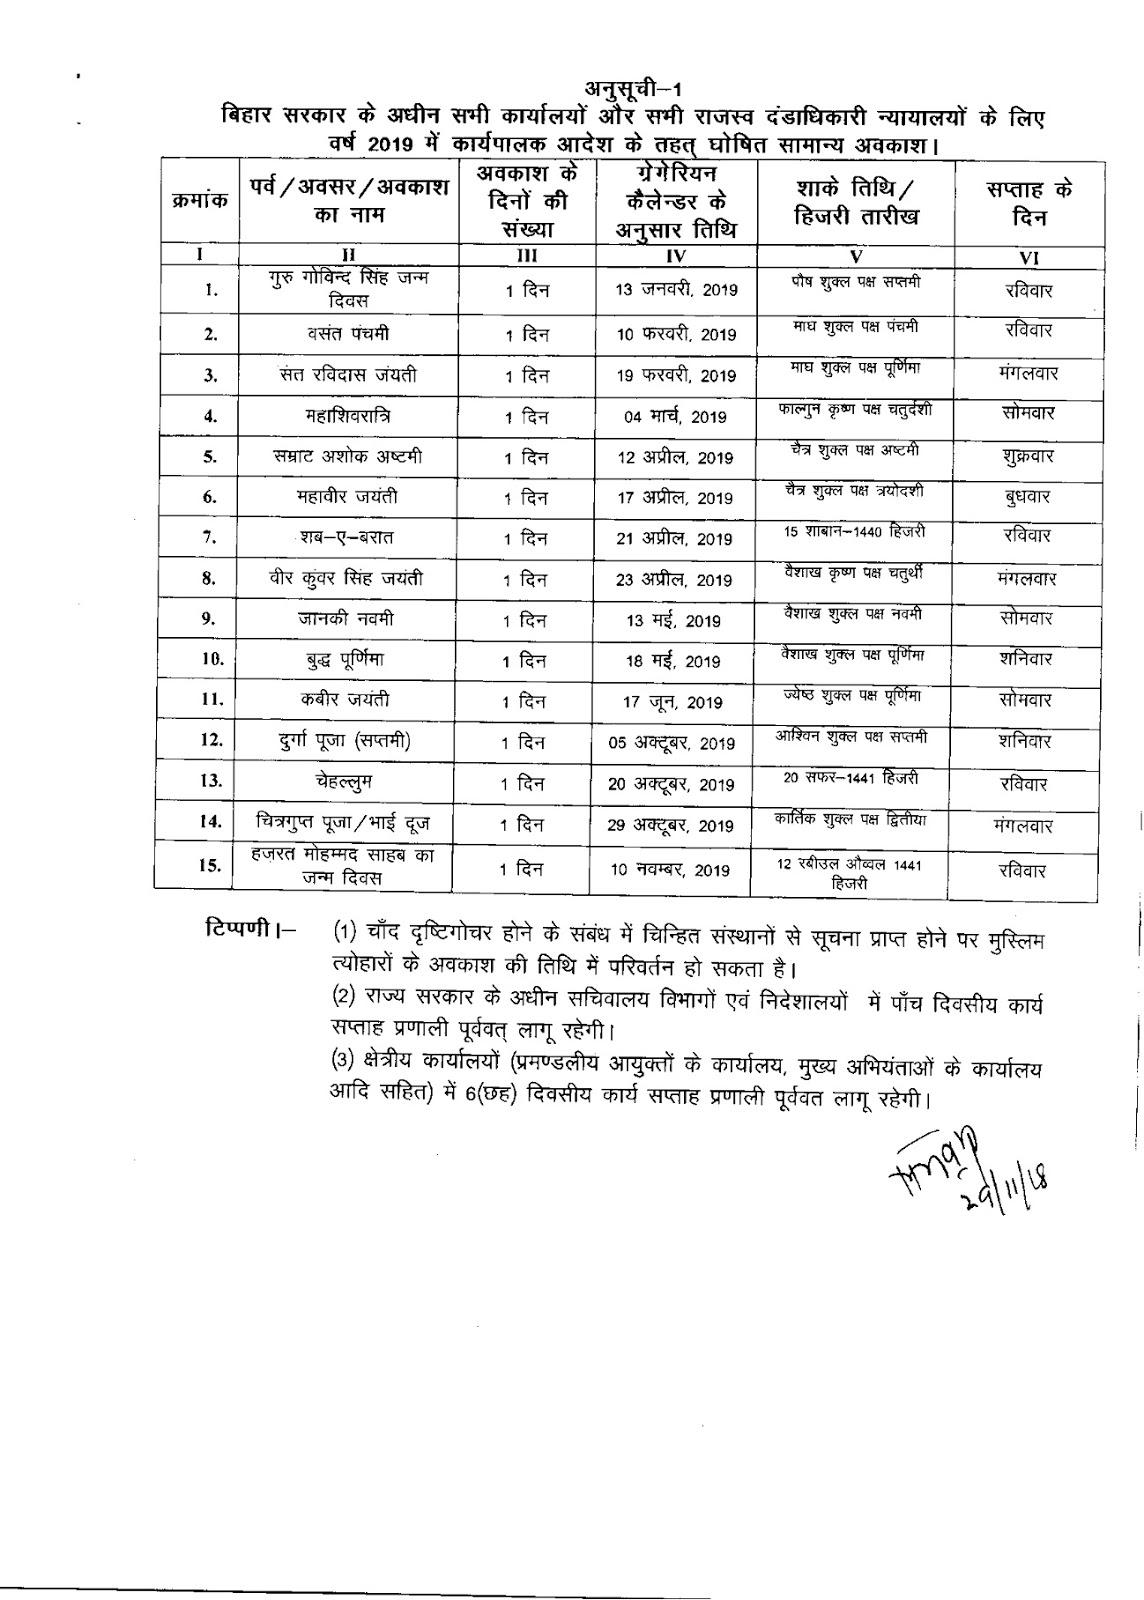 Bihar Government Calendar 2019 #educratsweb pertaining to Bihar Sarkar Calendra